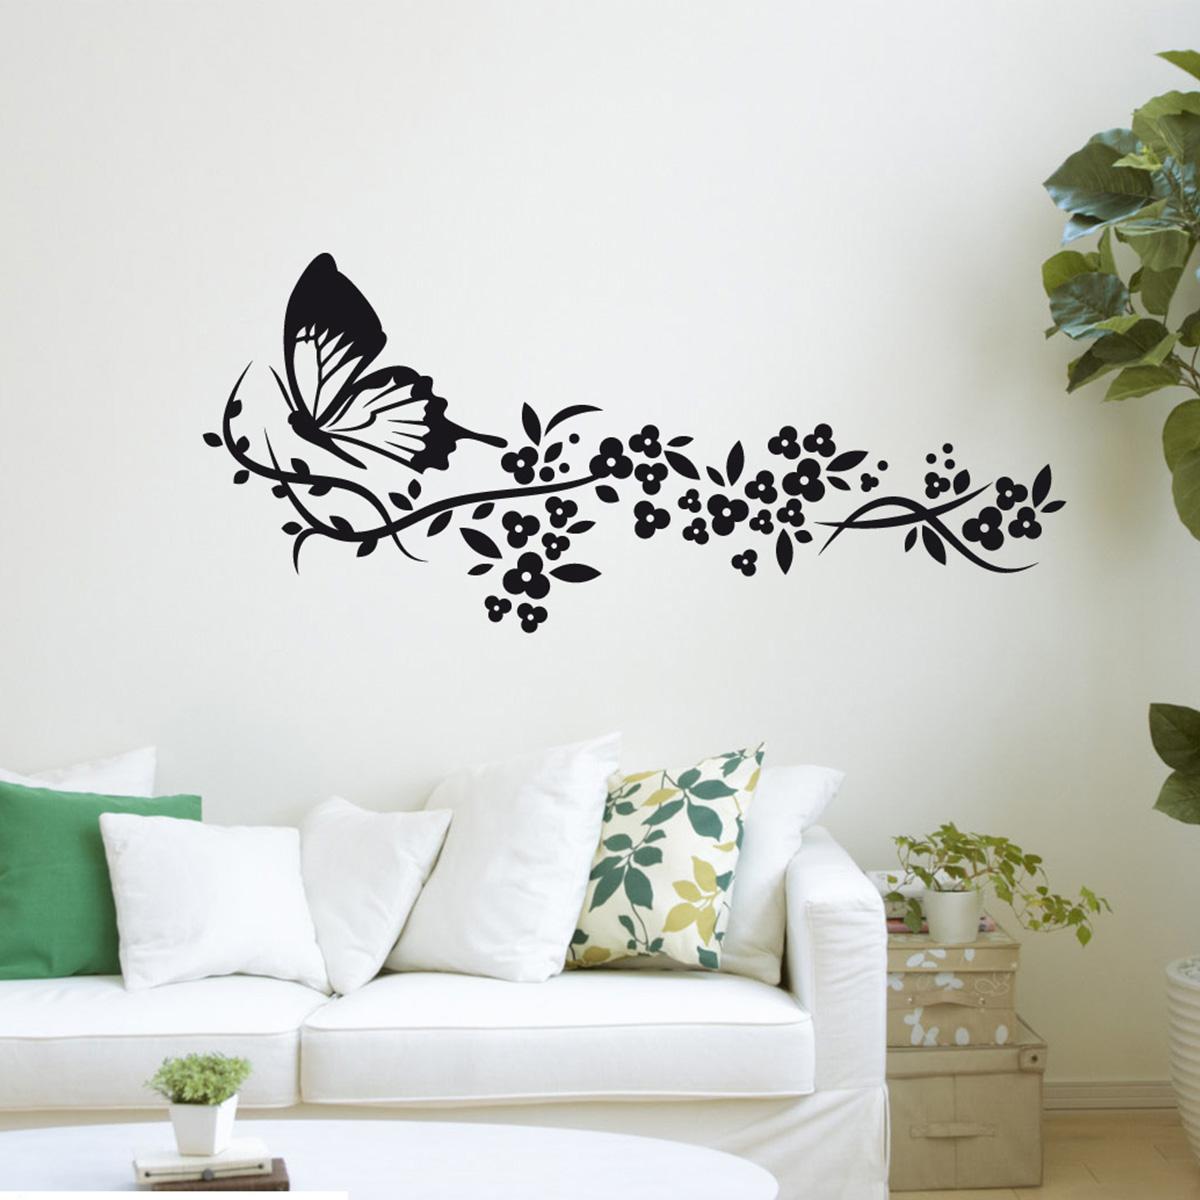 stickers muraux animaux sticker train e de fleurs et papillon ambiance. Black Bedroom Furniture Sets. Home Design Ideas